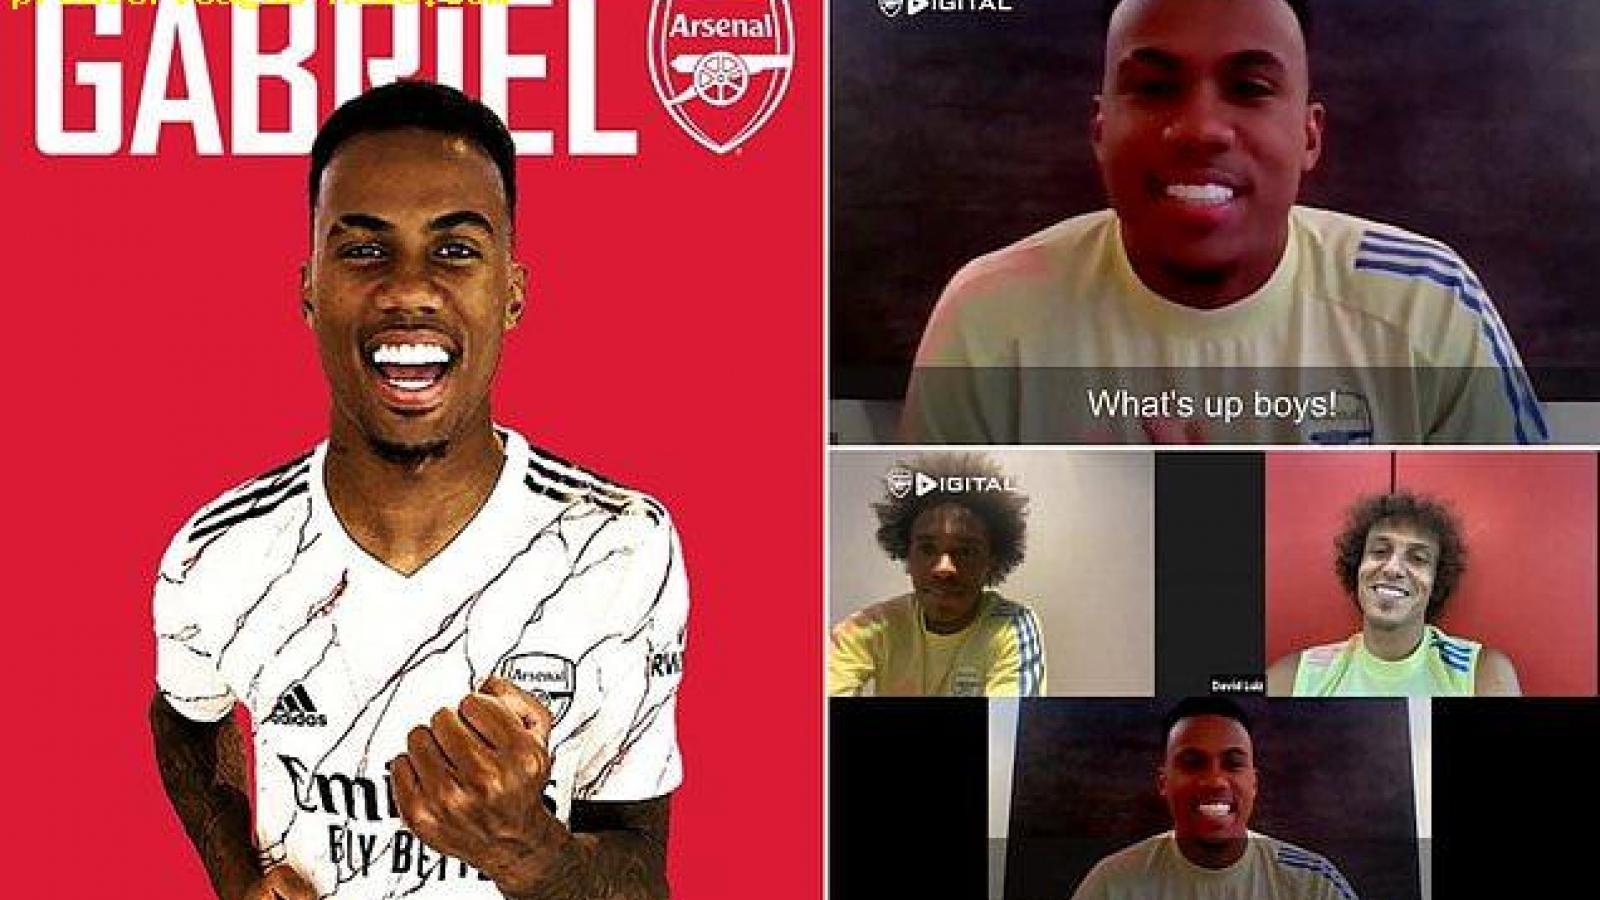 """Arsenal công bố """"bom tấn"""" Gabriel Magalhaes theo cách không ai ngờ tới"""